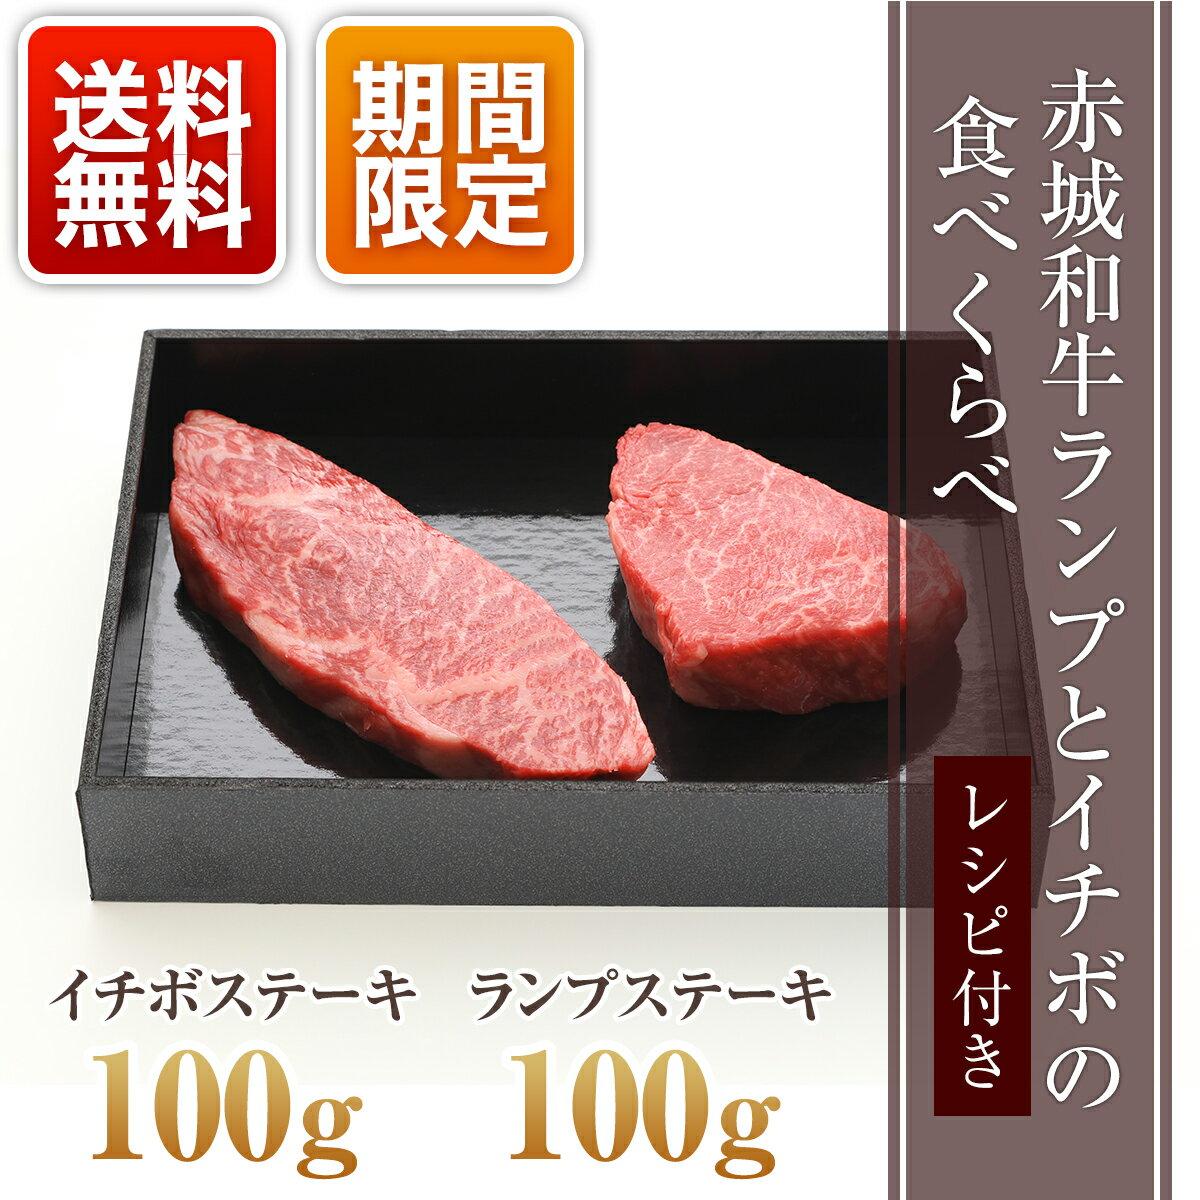 赤城和牛ランプとイチボの食べくらべ レシピ付き【冷凍】